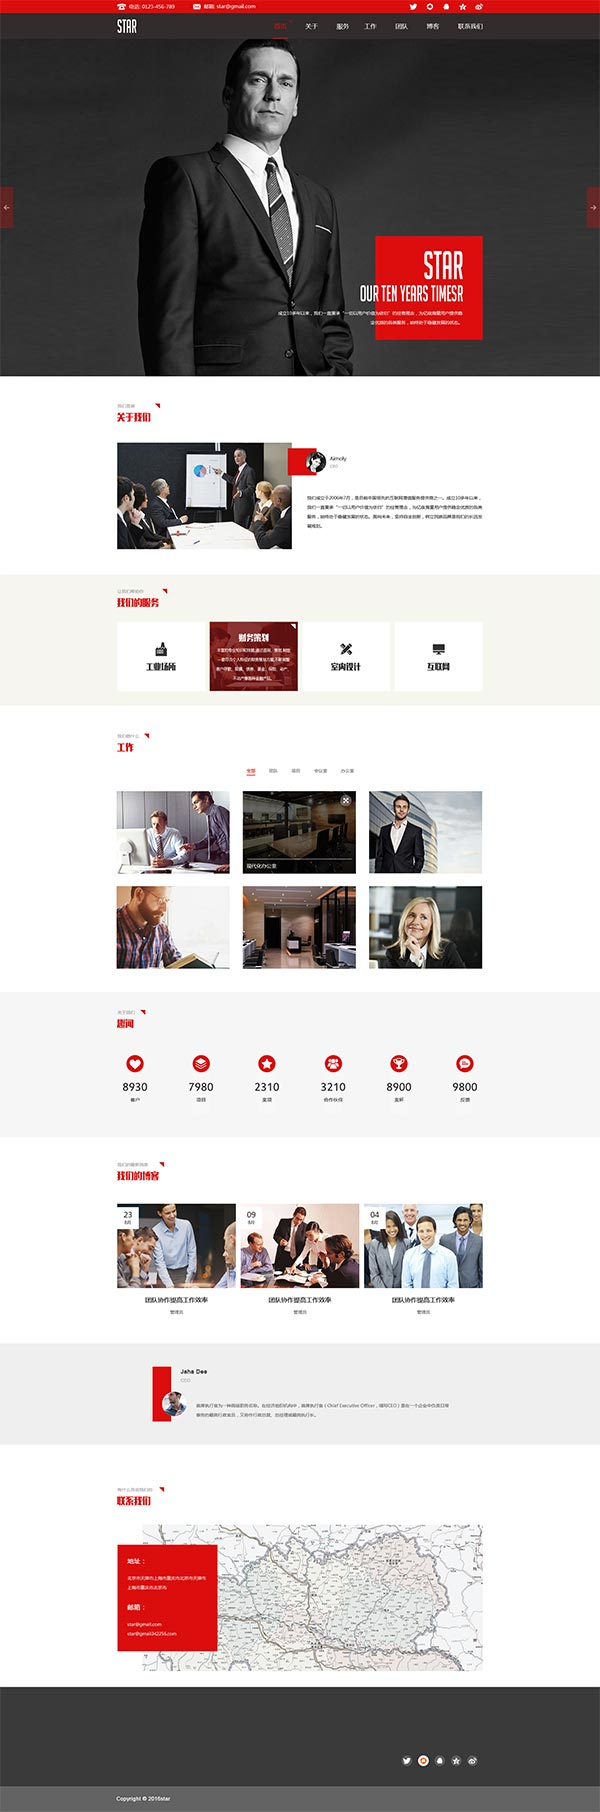 网页模板,网页设计,网页排版,商务网站,企业网站,商务人物 下载文件